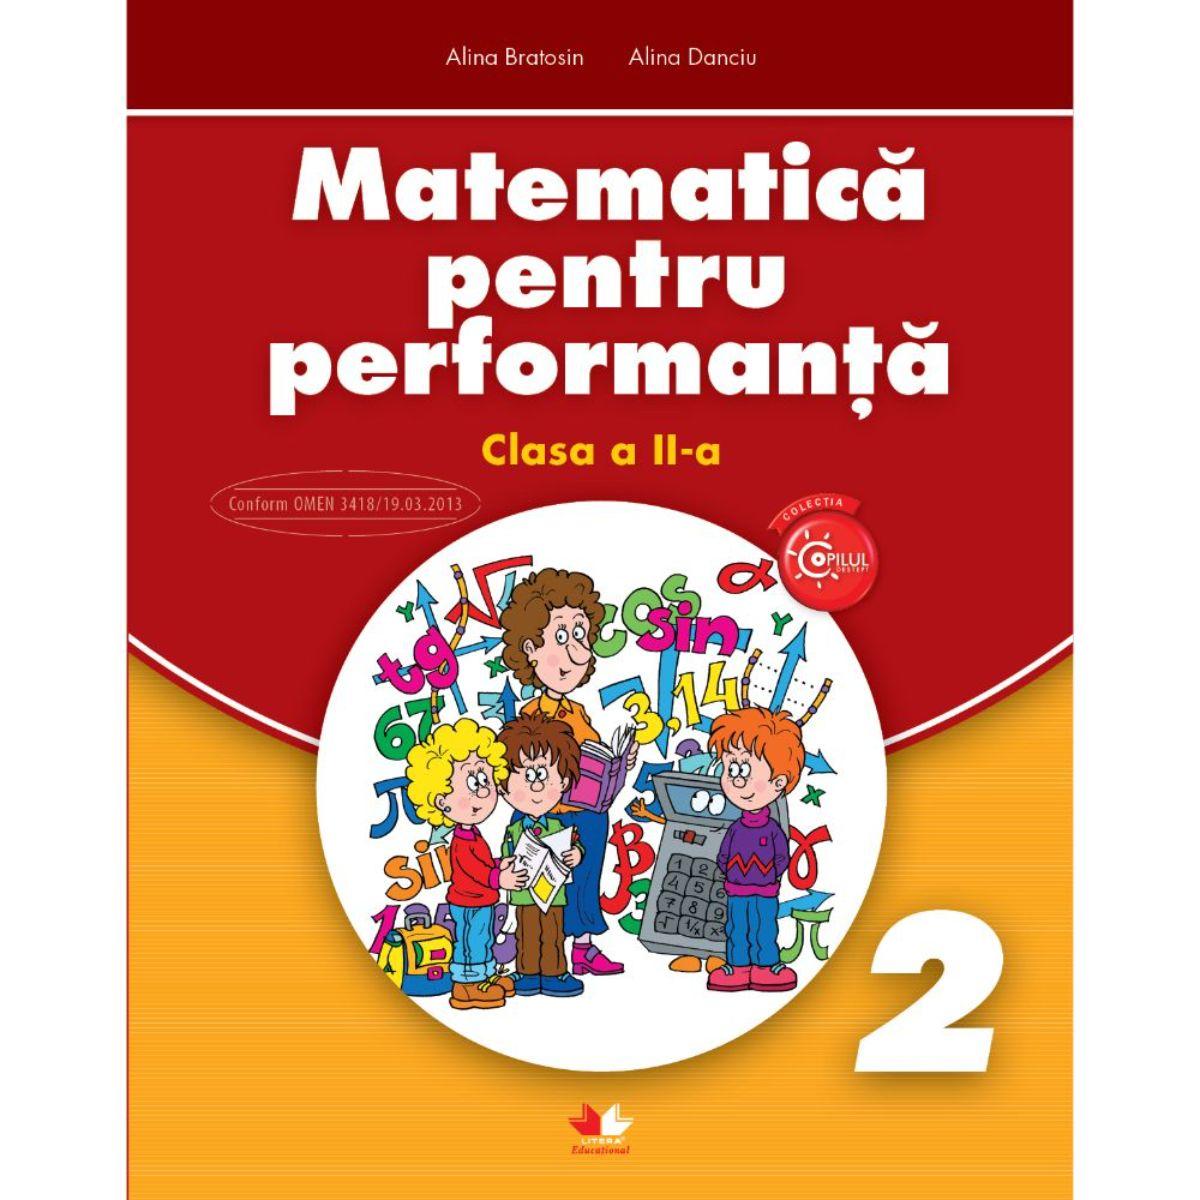 Matematica pentru performanta, Clasa a II-a